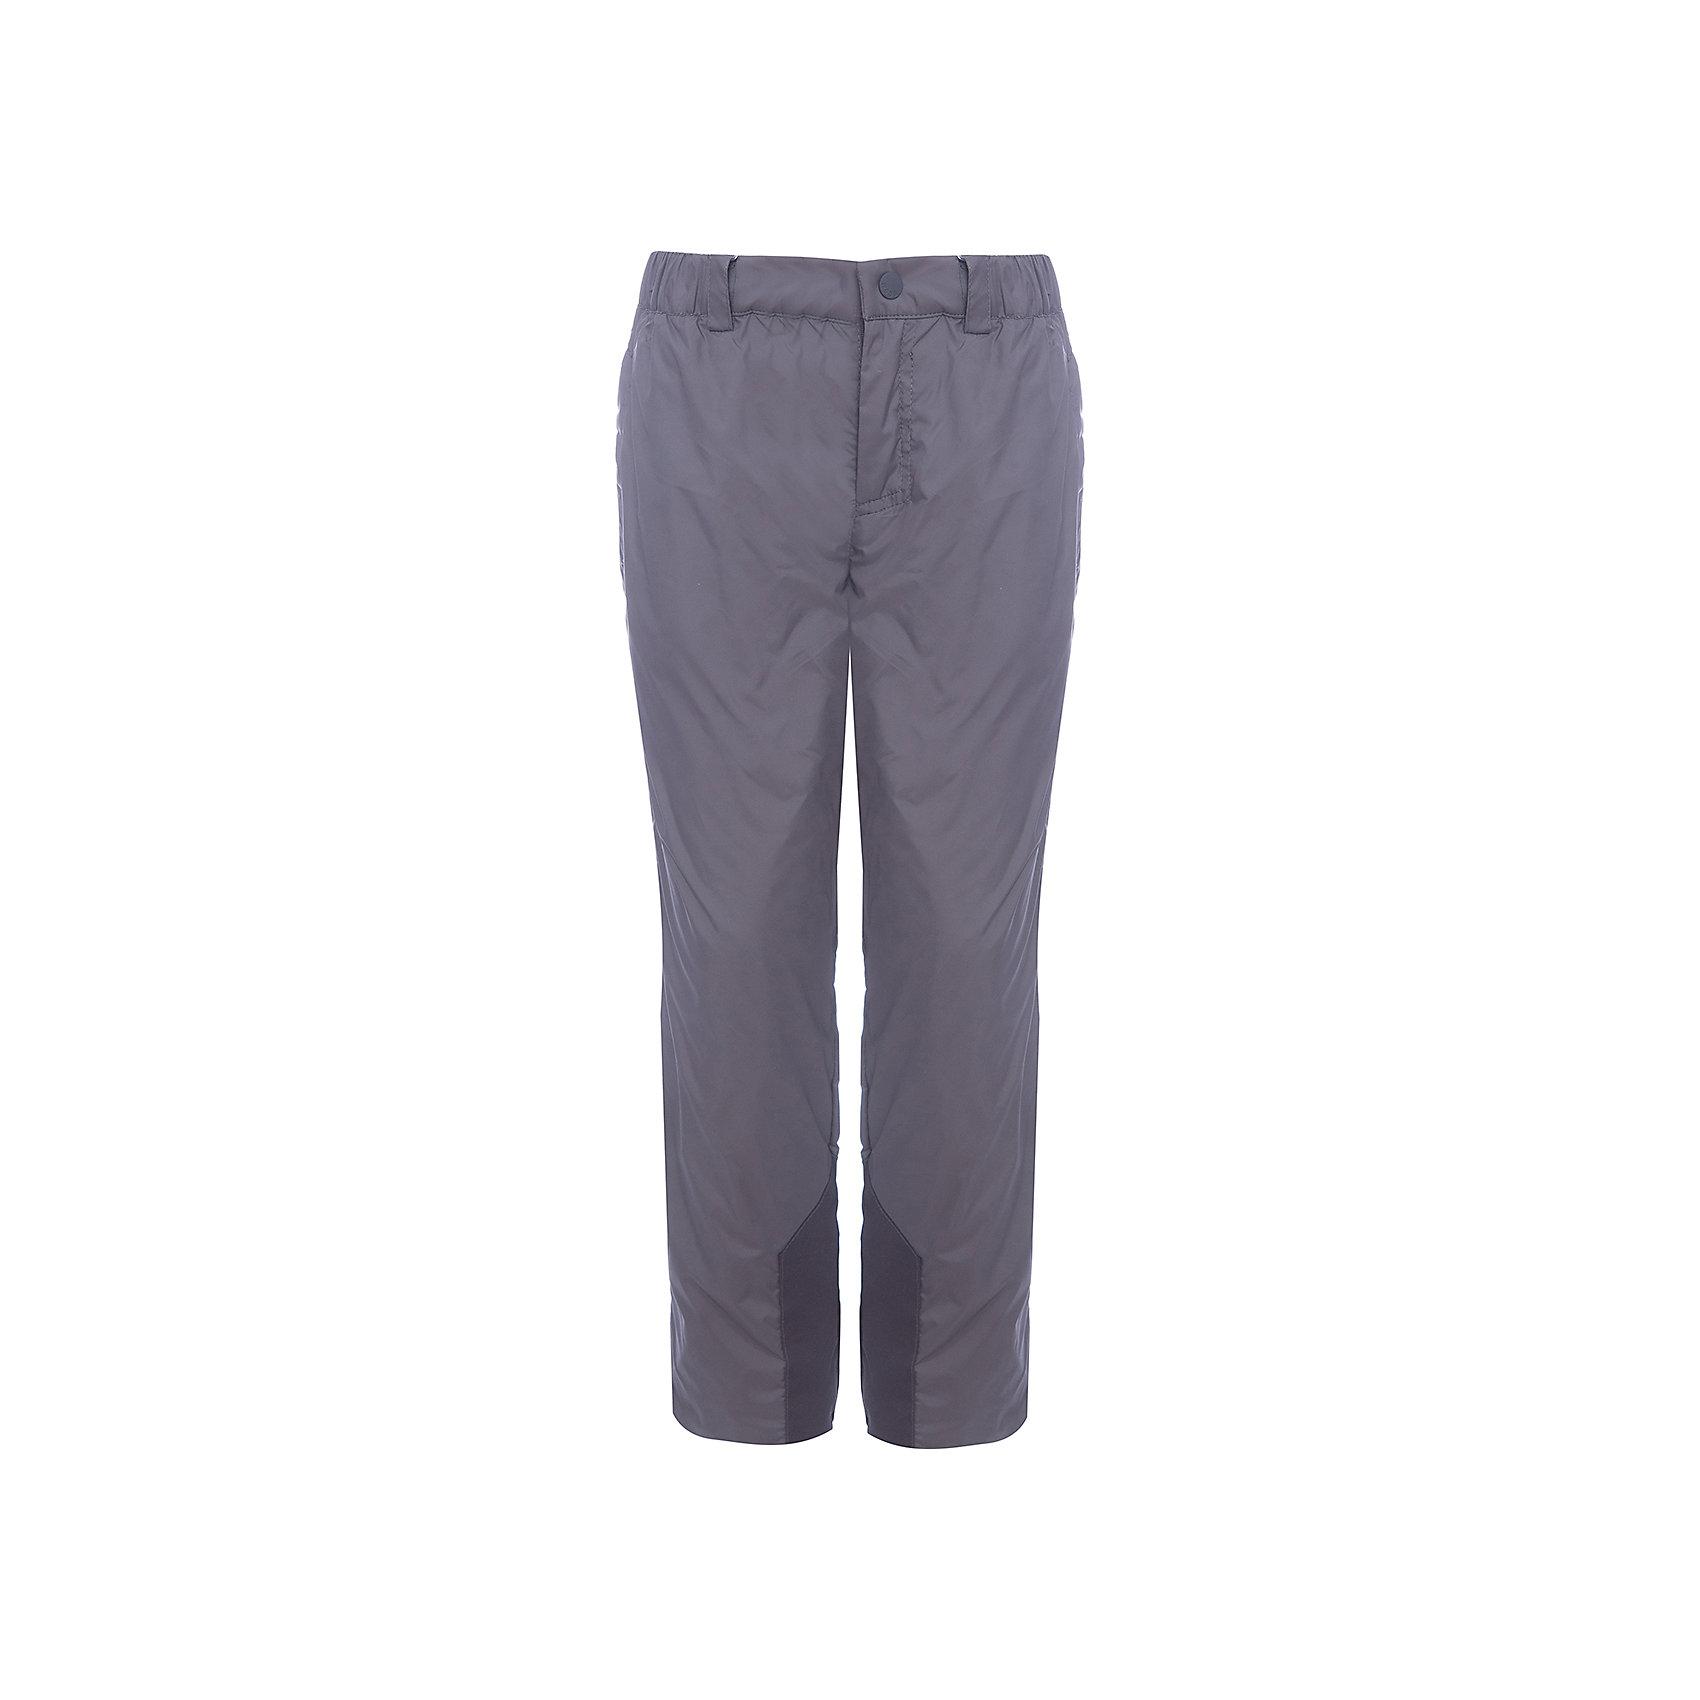 Брюки BOOM by Orby для мальчикаВерхняя одежда<br>Характеристики товара:<br><br>• цвет: серый<br>• ткань верха: Таффета pu milky<br>• подкладка: Флис<br>• без утеплителя<br>• сезон: демисезон<br>• температурный режим: от +5° до +15°С<br>• особенности одежды: на молнии и кнопке<br>• тип брюк: с флисовой подкладкой<br>• пояс: регулировка объема резинкой<br>• карманы: втачные<br>• страна бренда: Россия<br>• страна изготовитель: Россия<br><br>Отличный способ стильно одеться в прохладную погоду или заморозки - эти серые демисезонные брюки на флисовой подкладке отлично подходят для ношения в демисезон. <br><br>Брюки BOOM by Orby для мальчика можно купить в нашем интернет-магазине.<br><br>Ширина мм: 215<br>Глубина мм: 88<br>Высота мм: 191<br>Вес г: 336<br>Цвет: серый<br>Возраст от месяцев: 144<br>Возраст до месяцев: 156<br>Пол: Мужской<br>Возраст: Детский<br>Размер: 158,104,110,98,134,86,92,116,122,128,140,146,152<br>SKU: 7007504